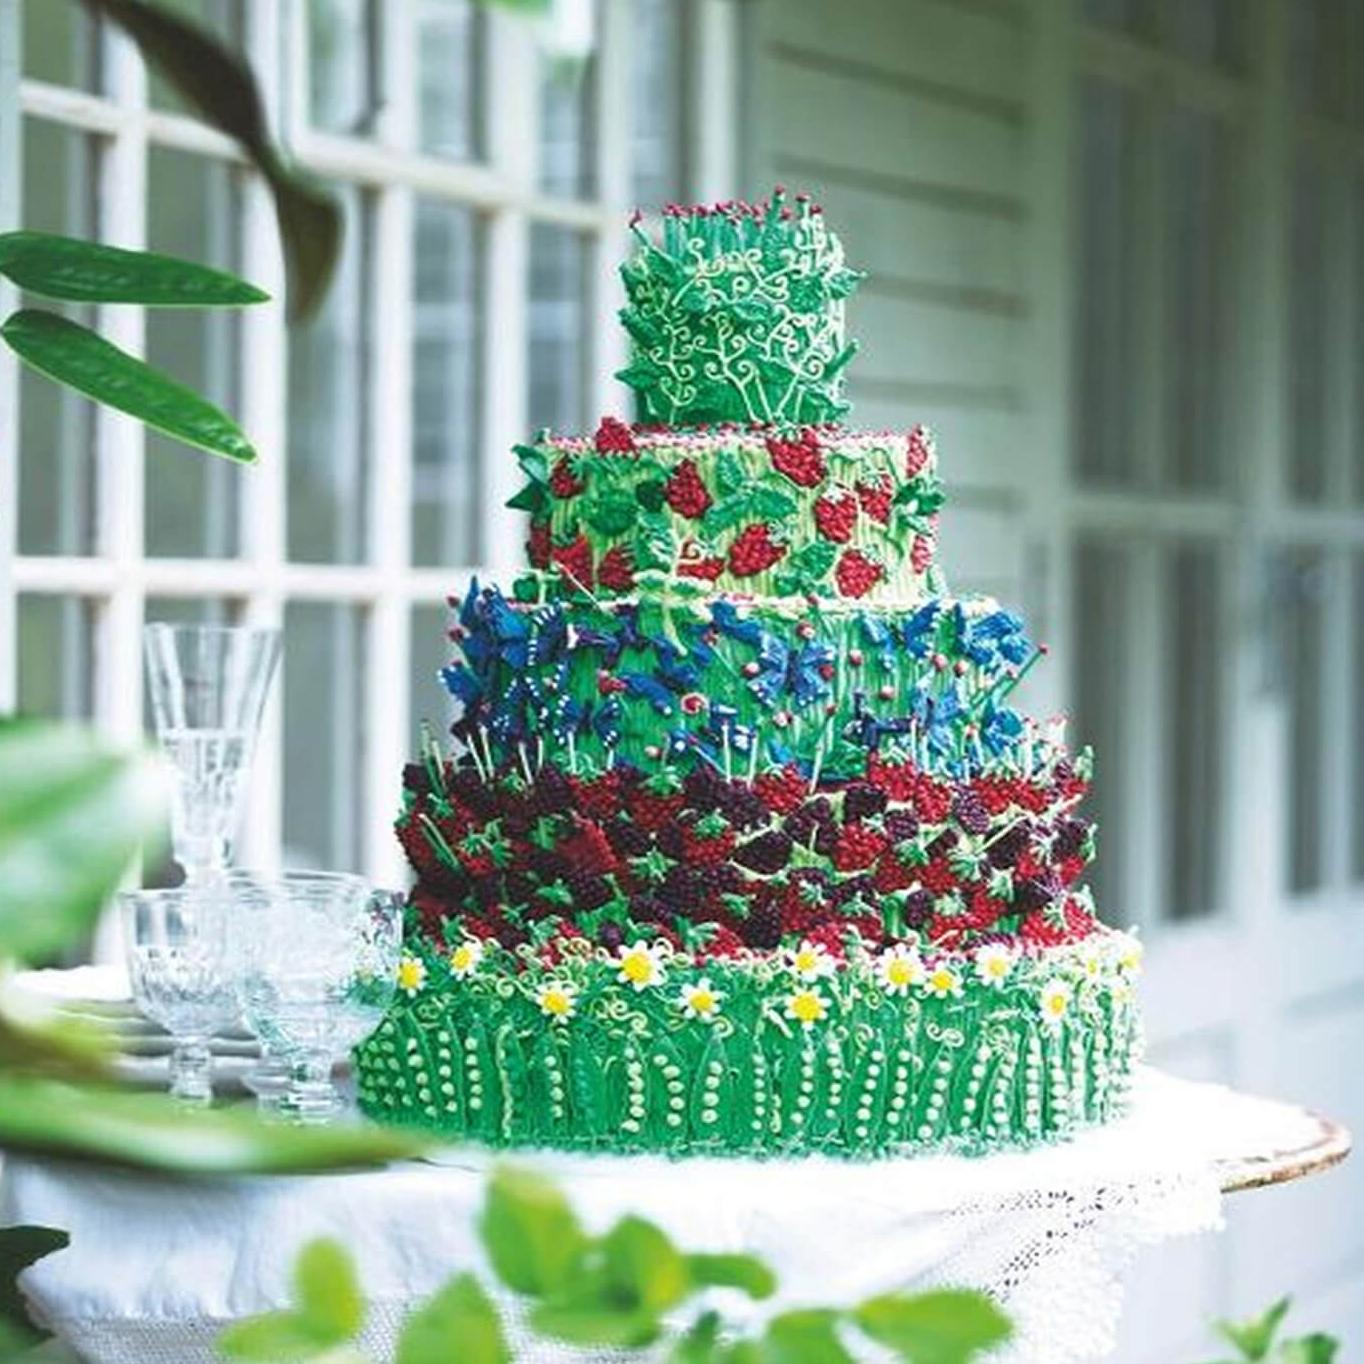 Garden-themed-wedding-cake-biscuiteers.jpg